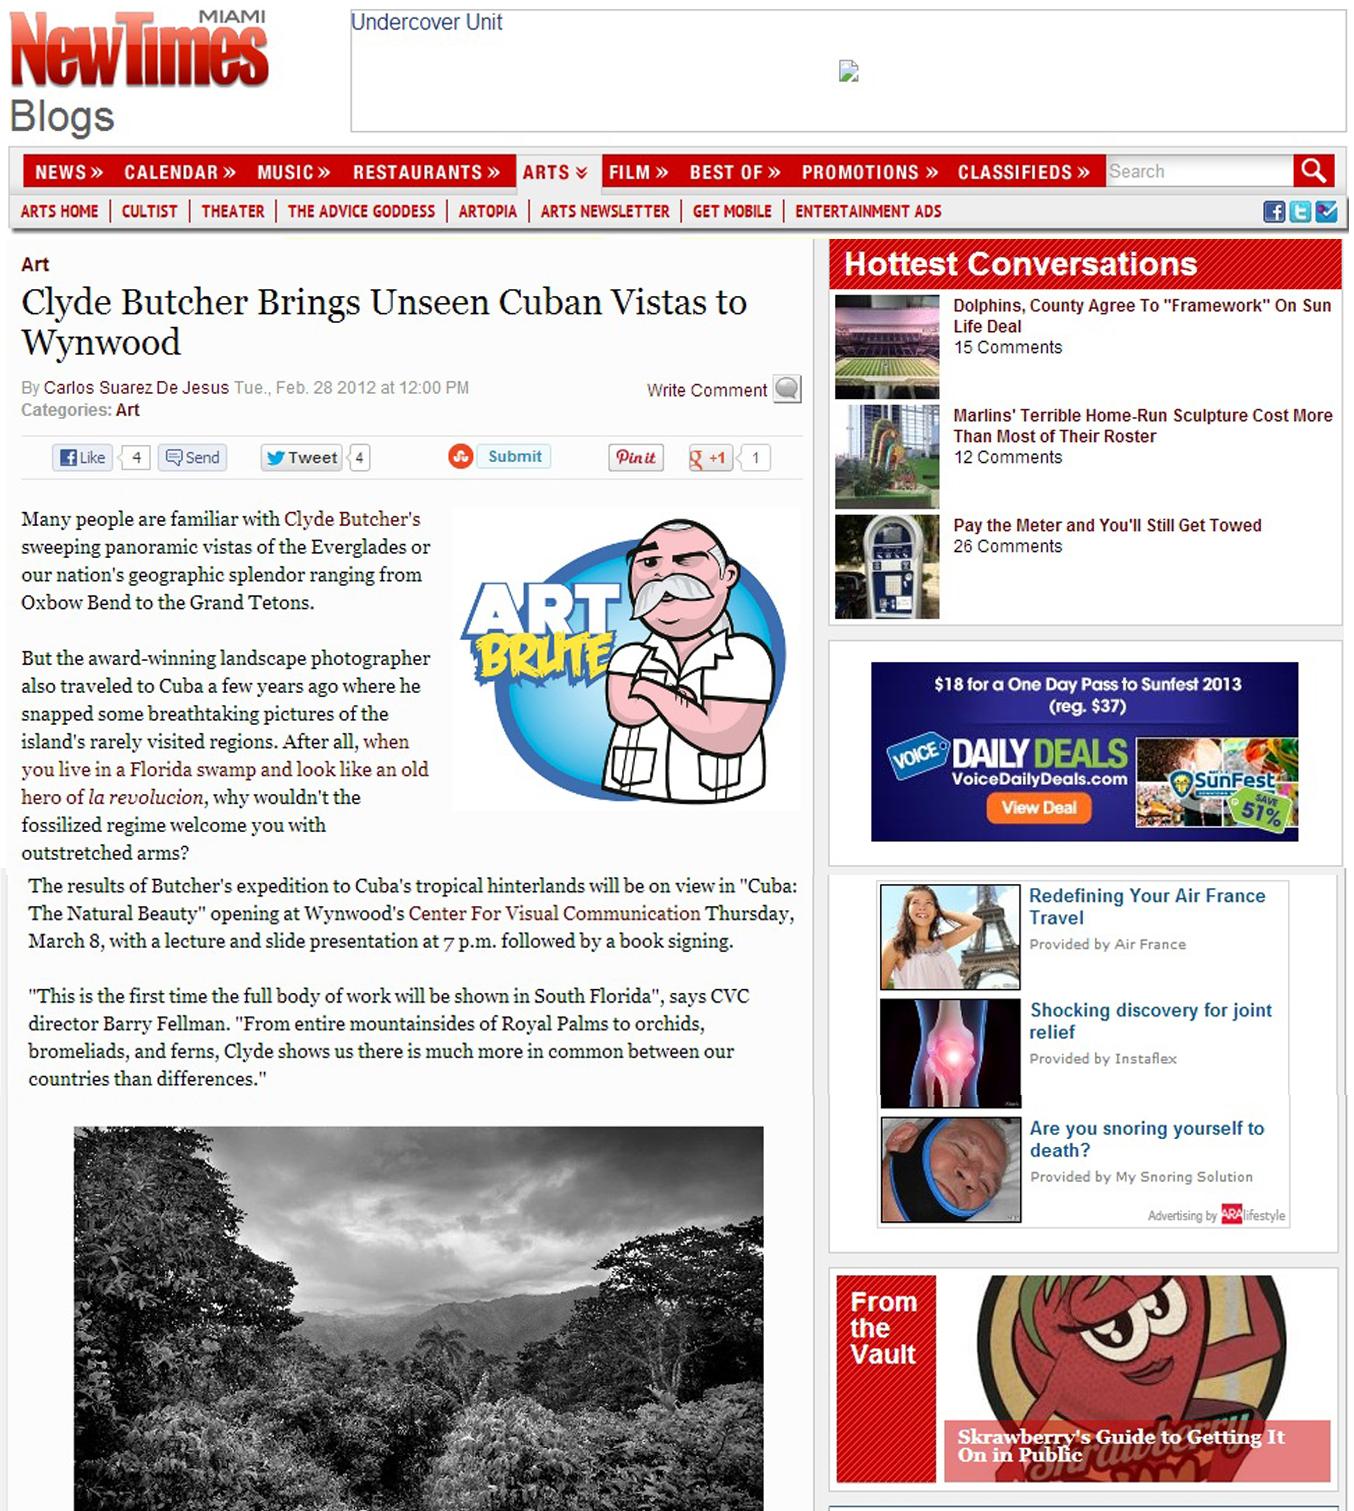 Miami New Times 300k